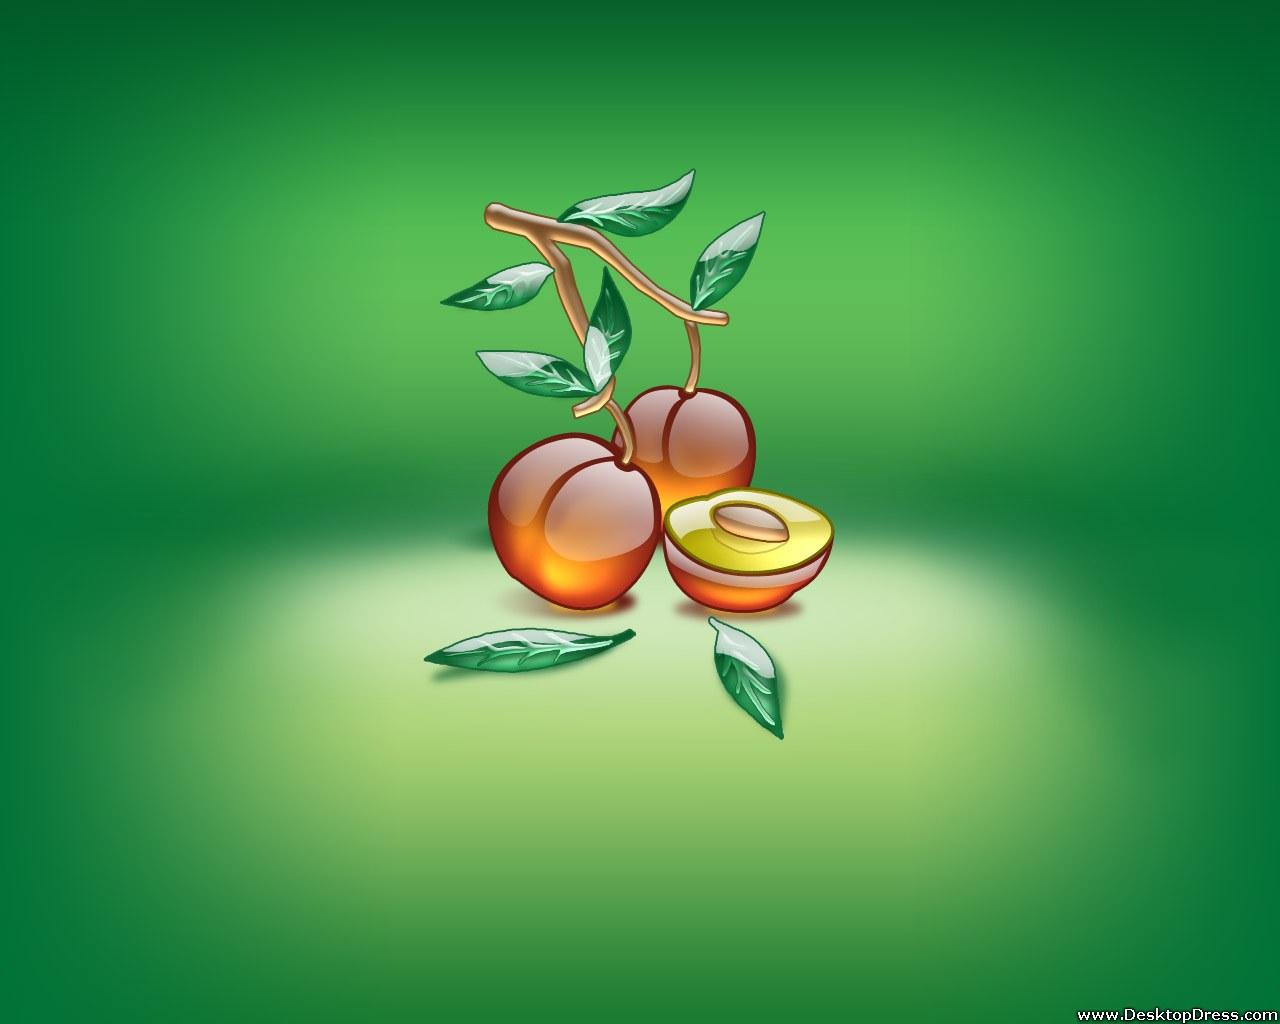 Peach And Green Wallpaper Wallpapersafari